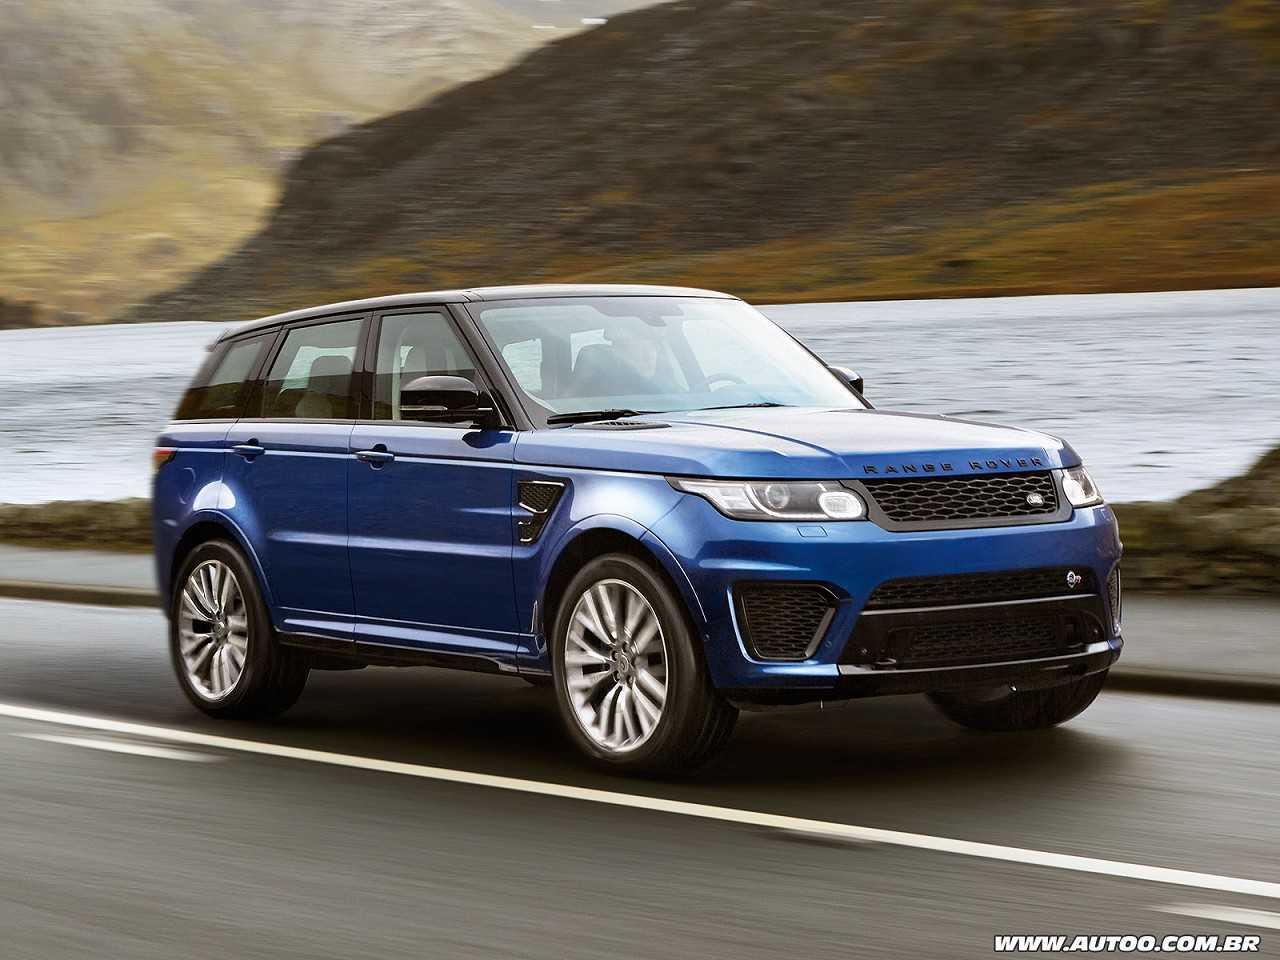 Land RoverRange Rover Sport 2015 - ângulo frontal